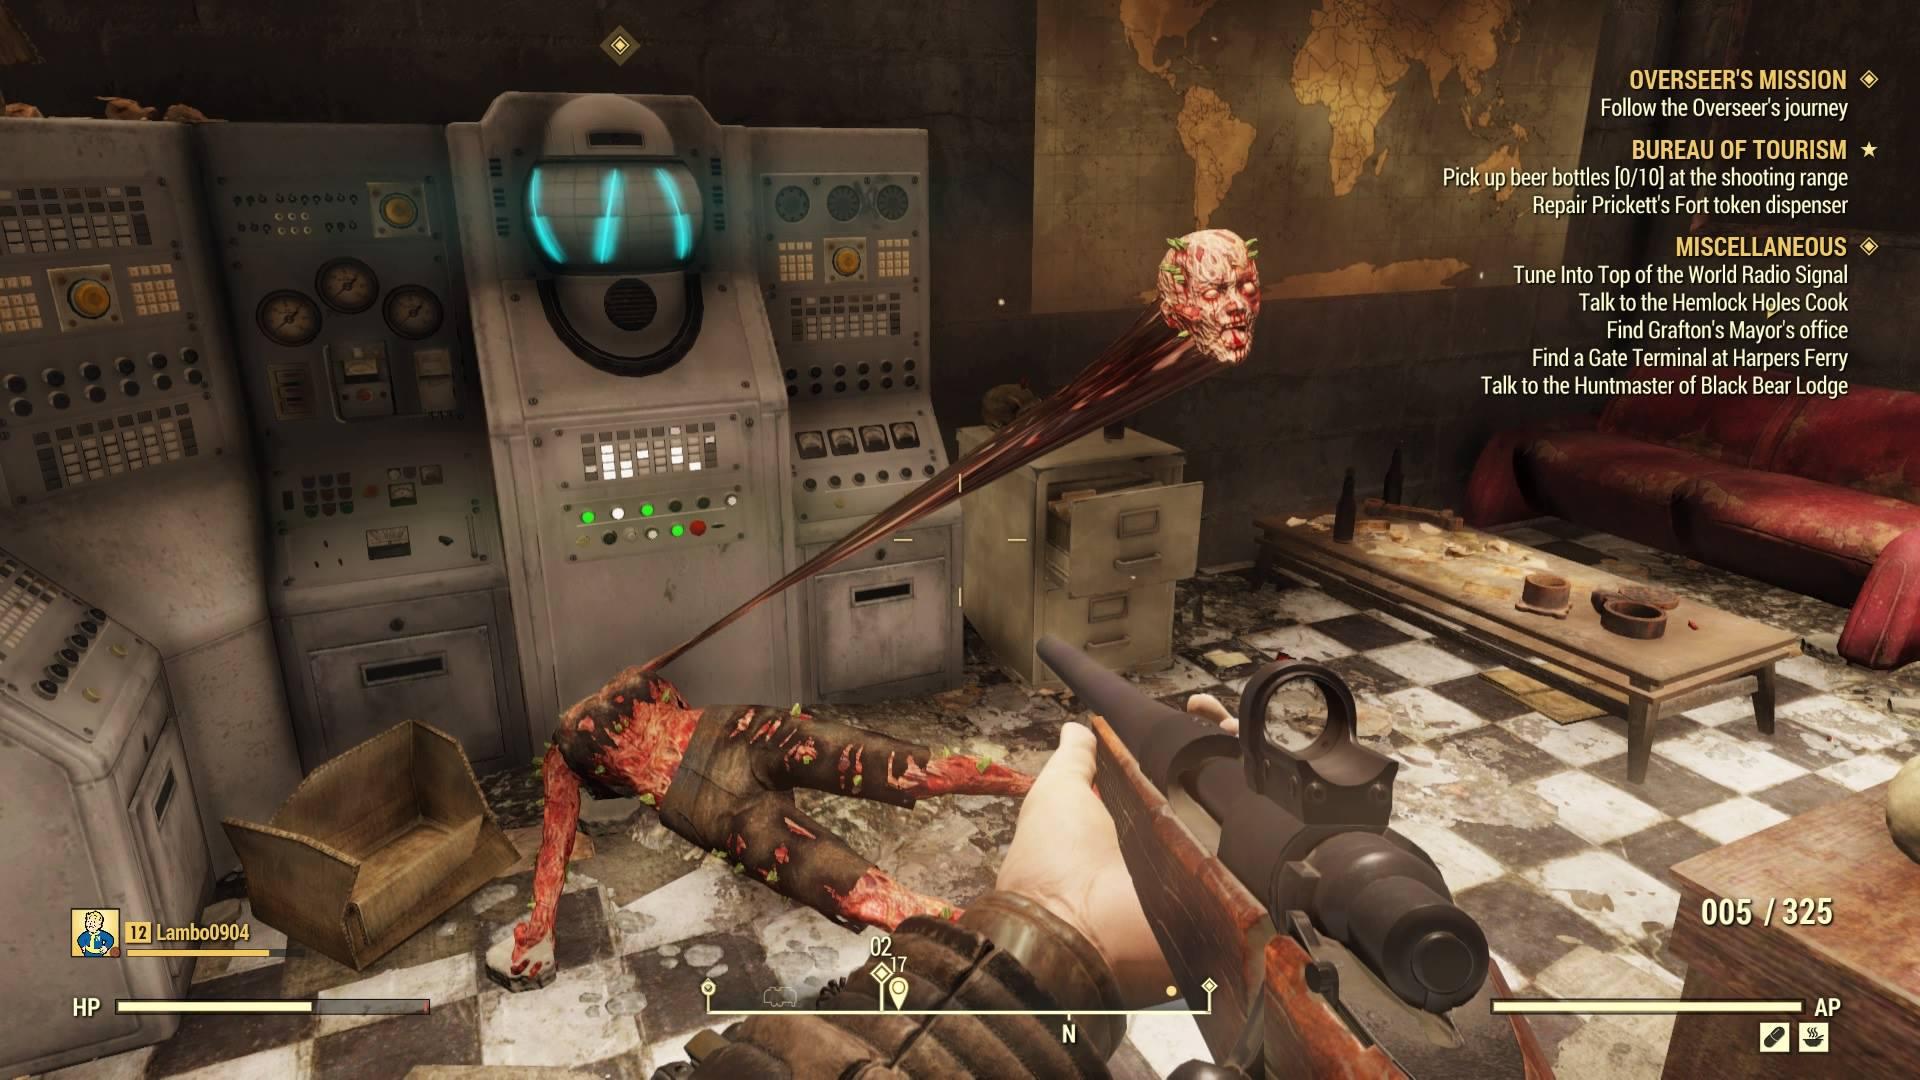 Fallout 76: Impressions From a Vault Dweller - NERDBOT